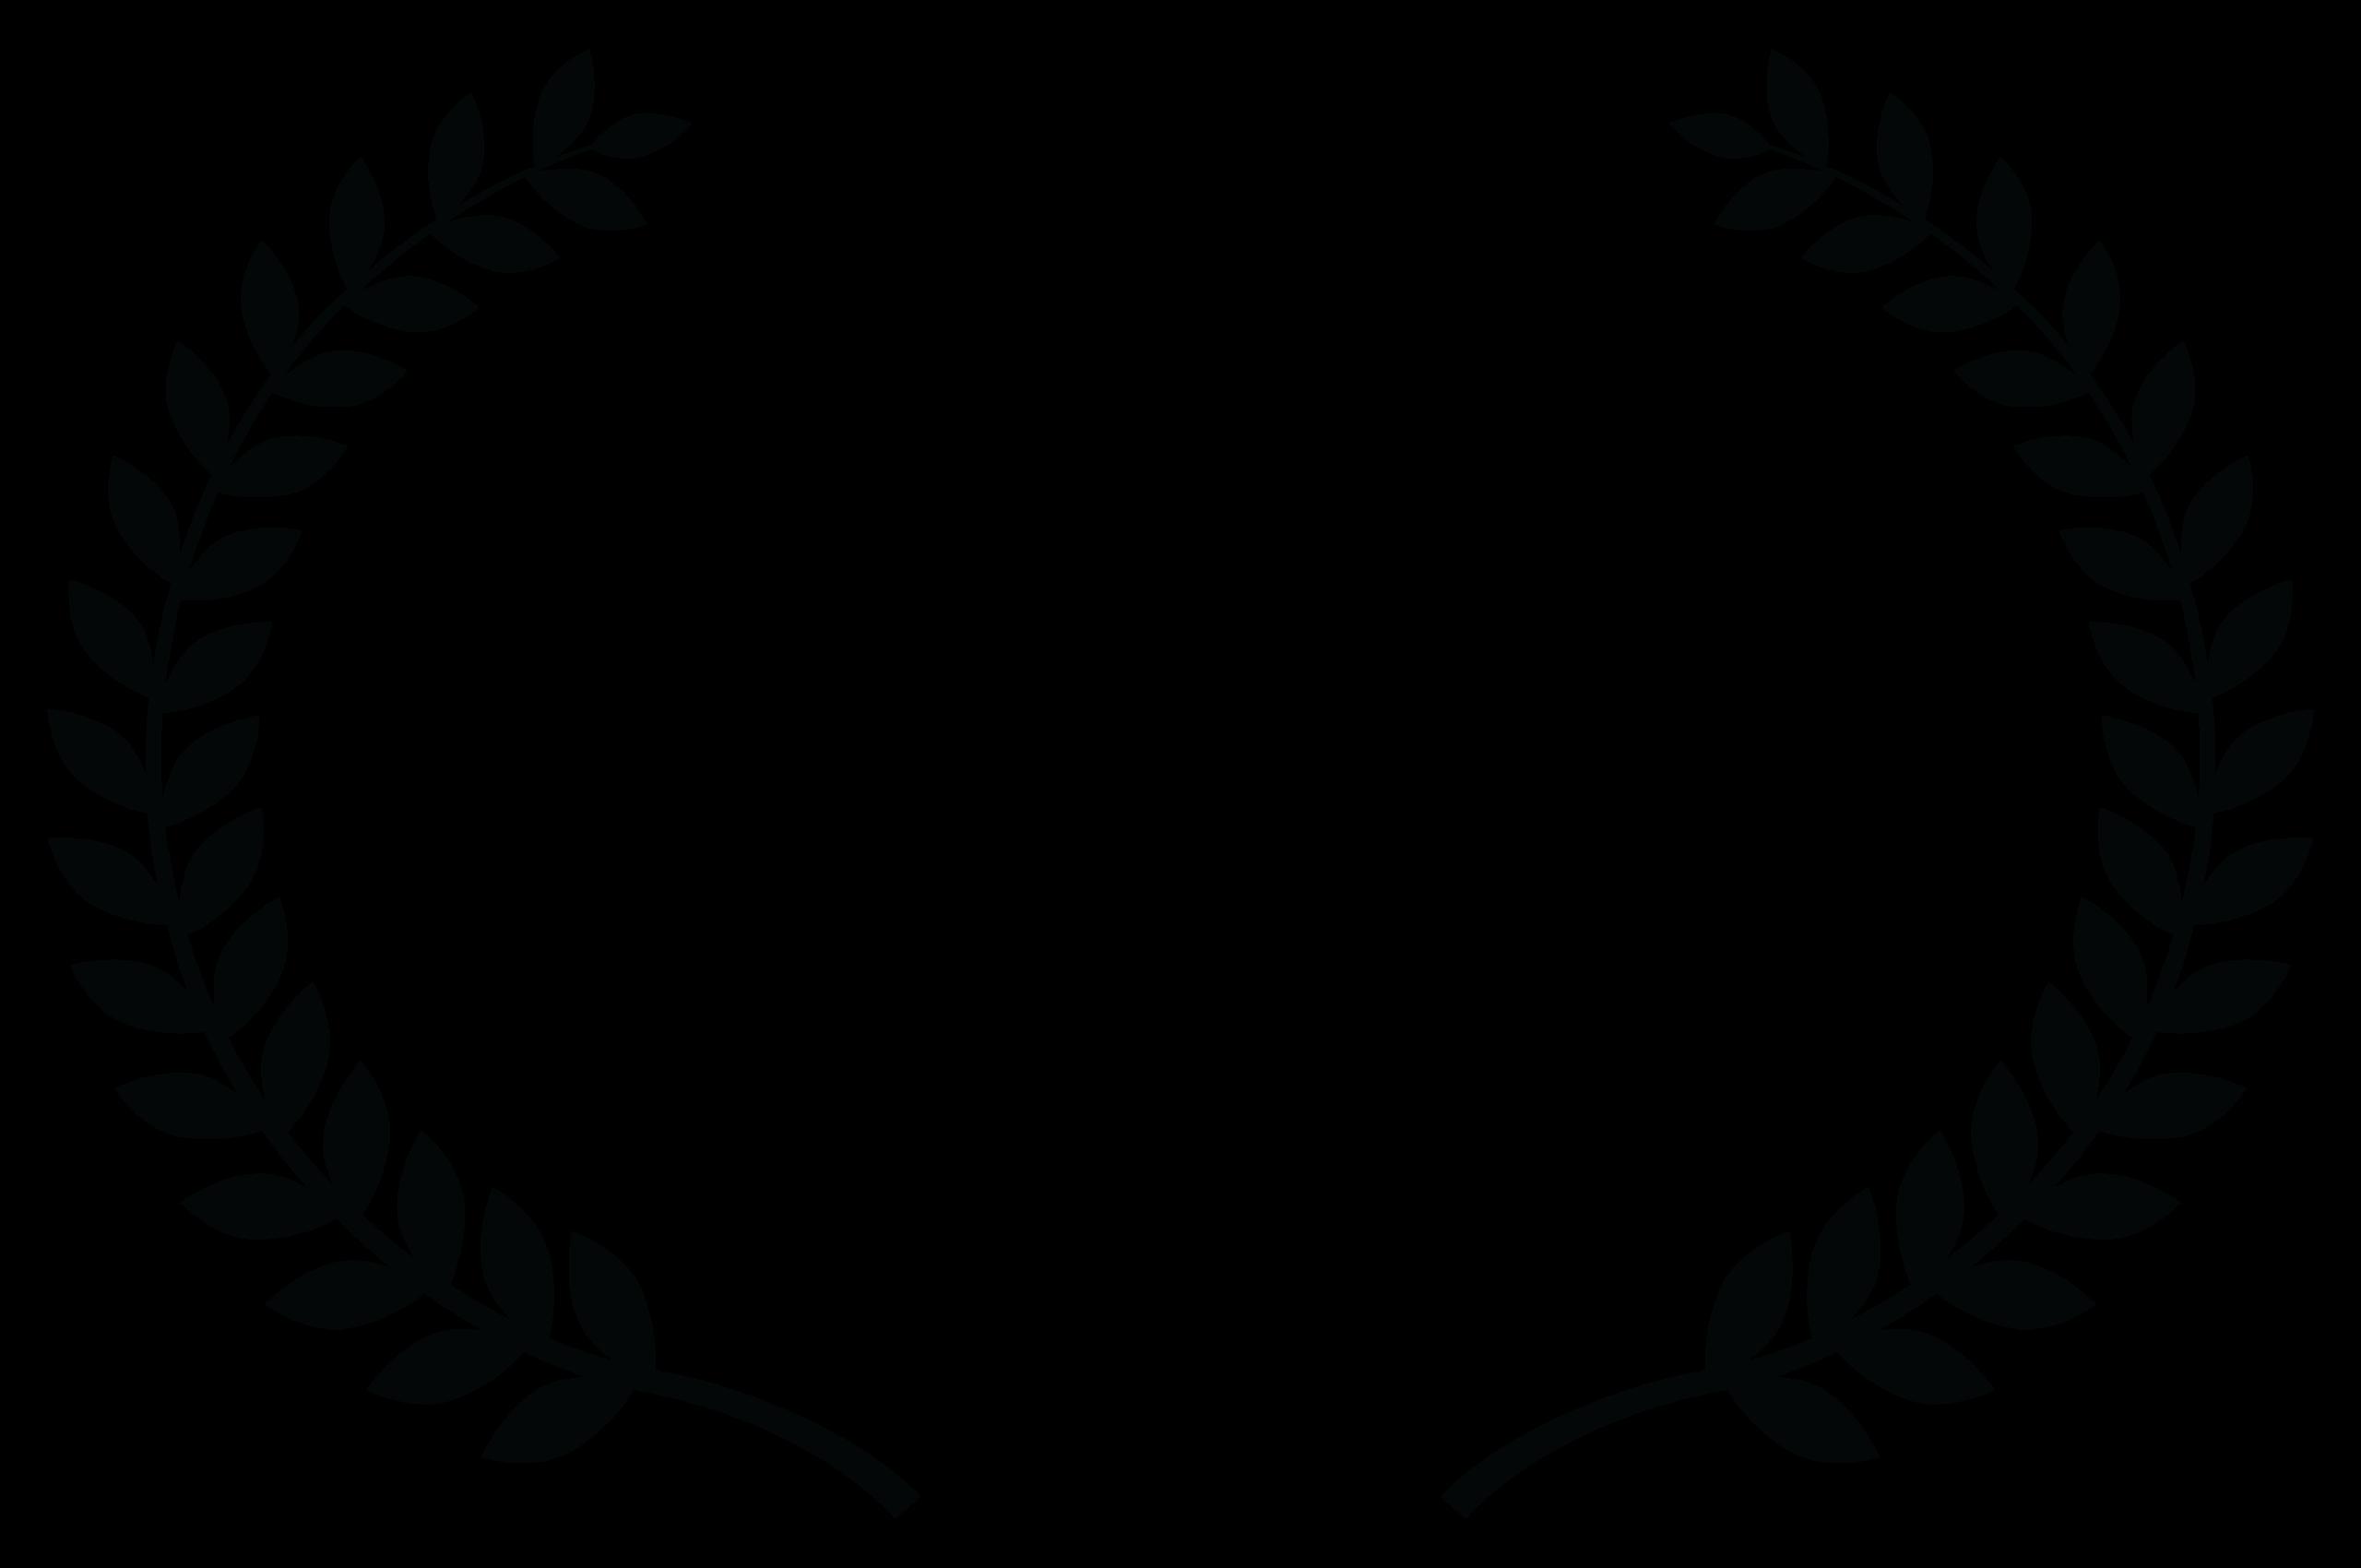 Indiecinema Film Festival ritorna dal 13 al 20 dicembre